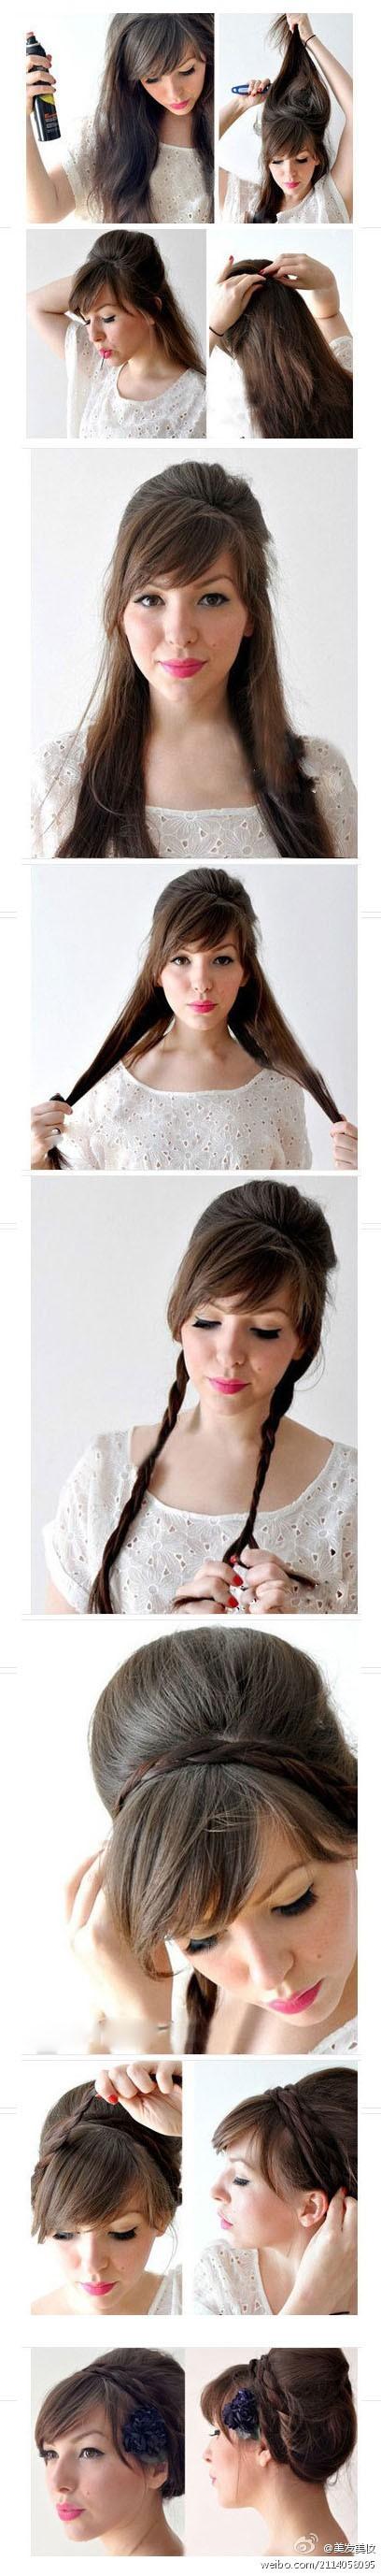 прически для средних волос с челкой в домашних условиях фото